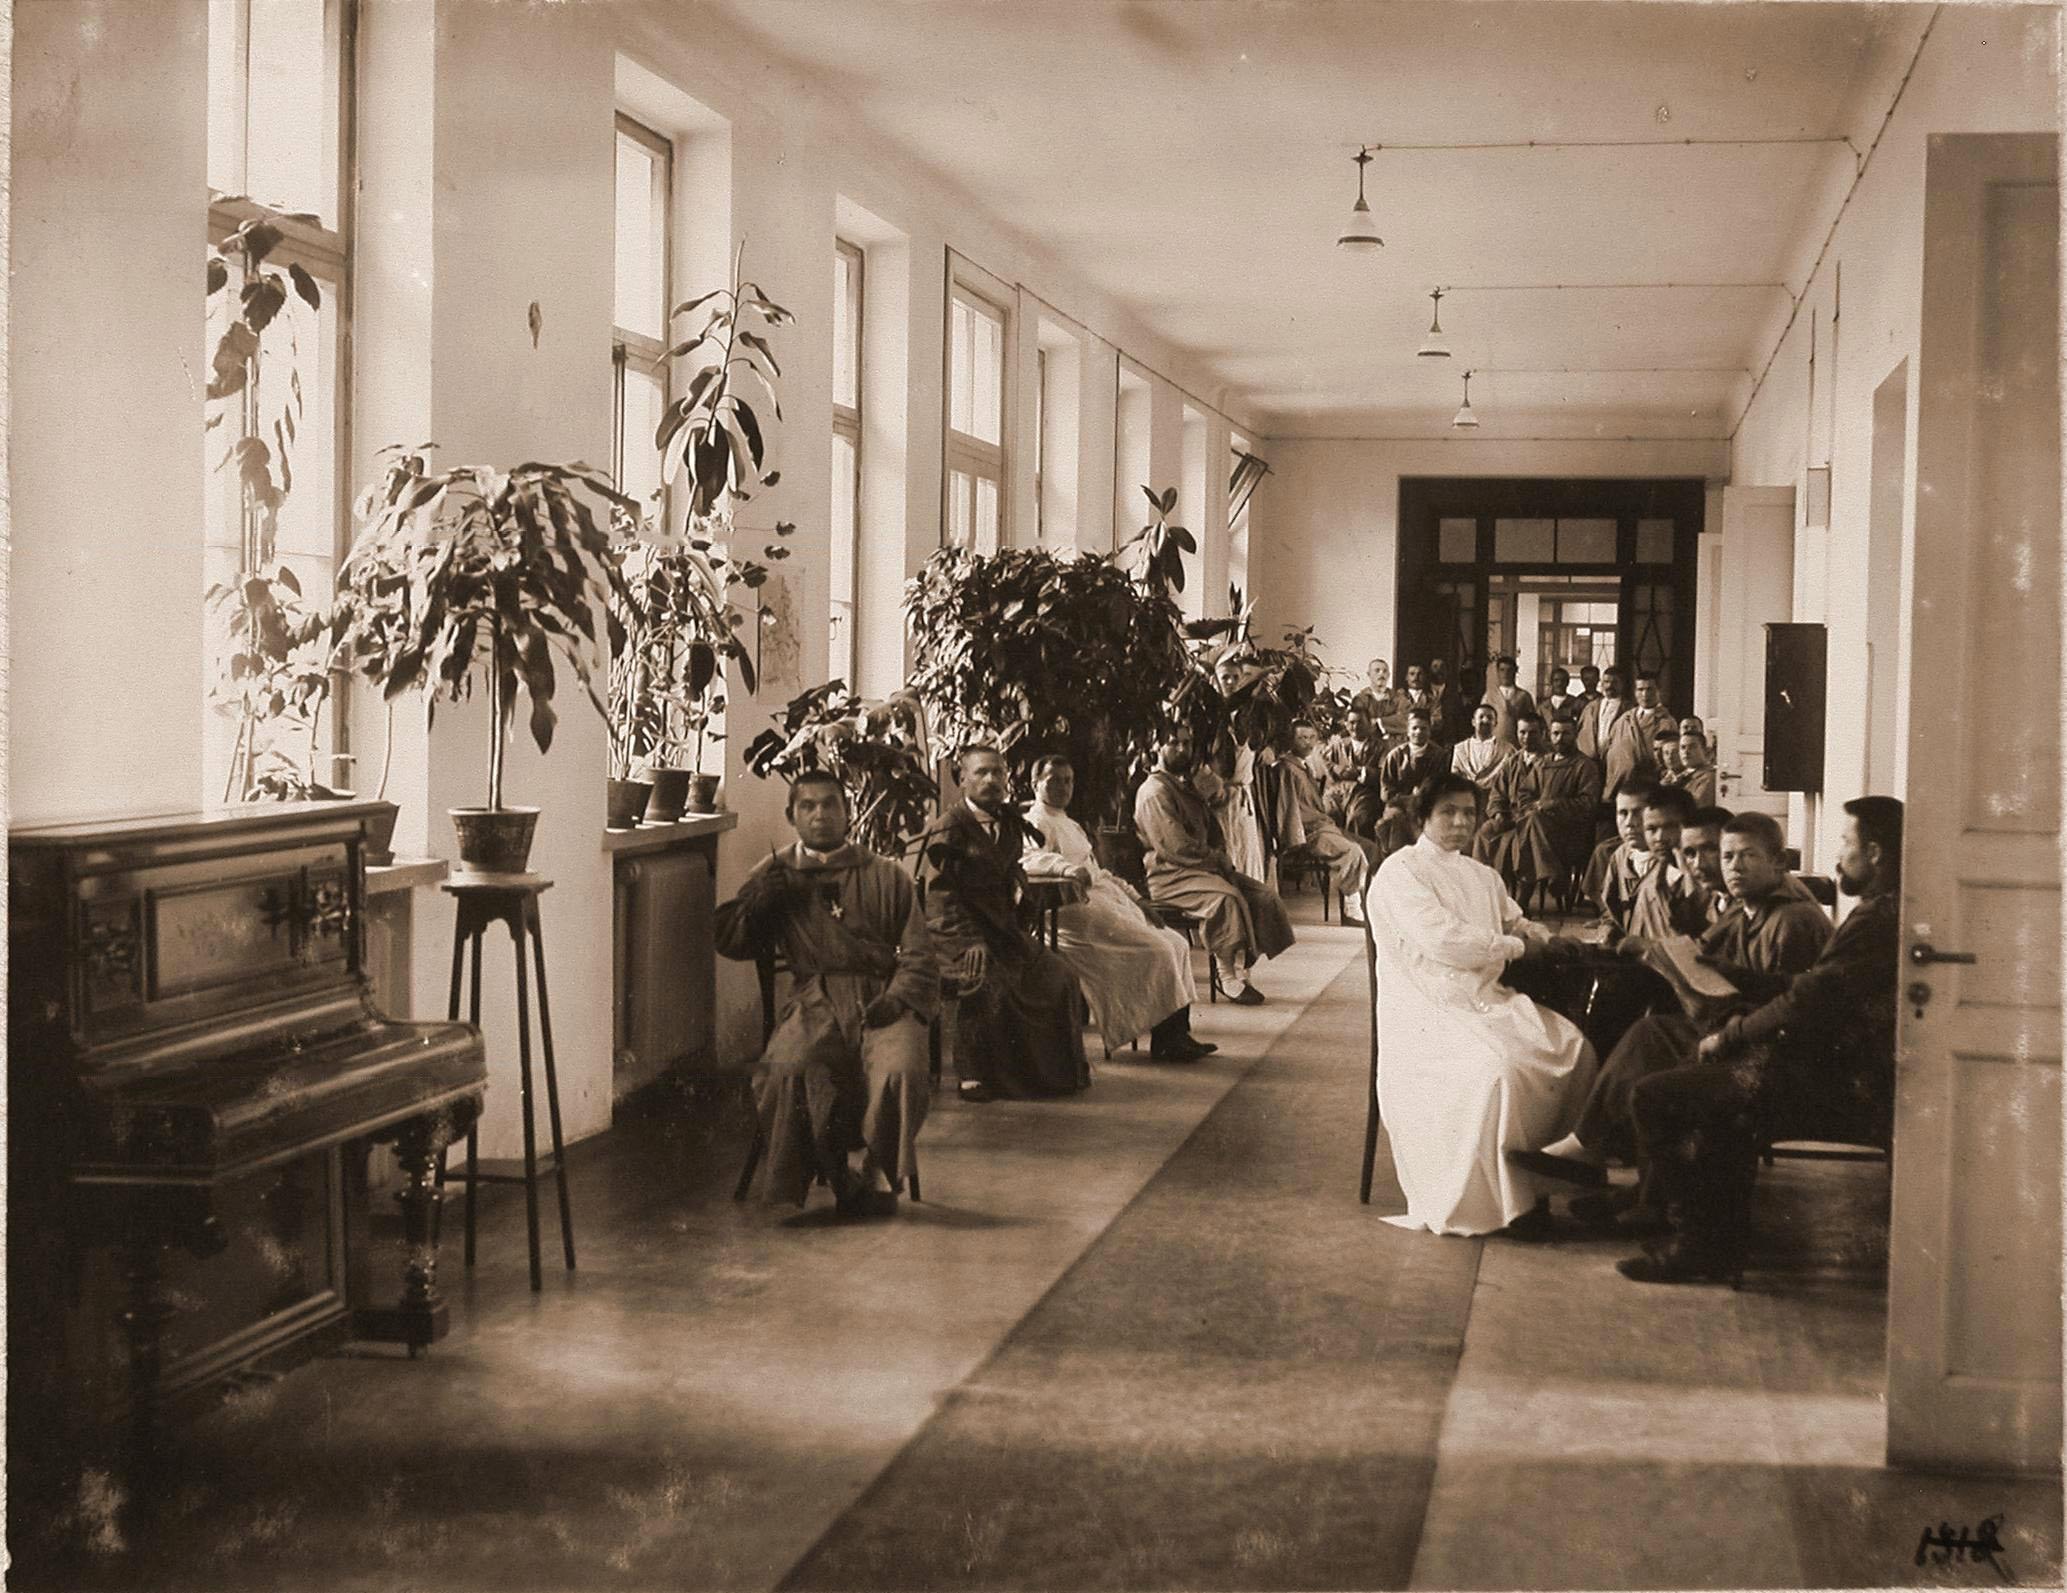 Больные и раненые в коридоре 2-го этажа больницы